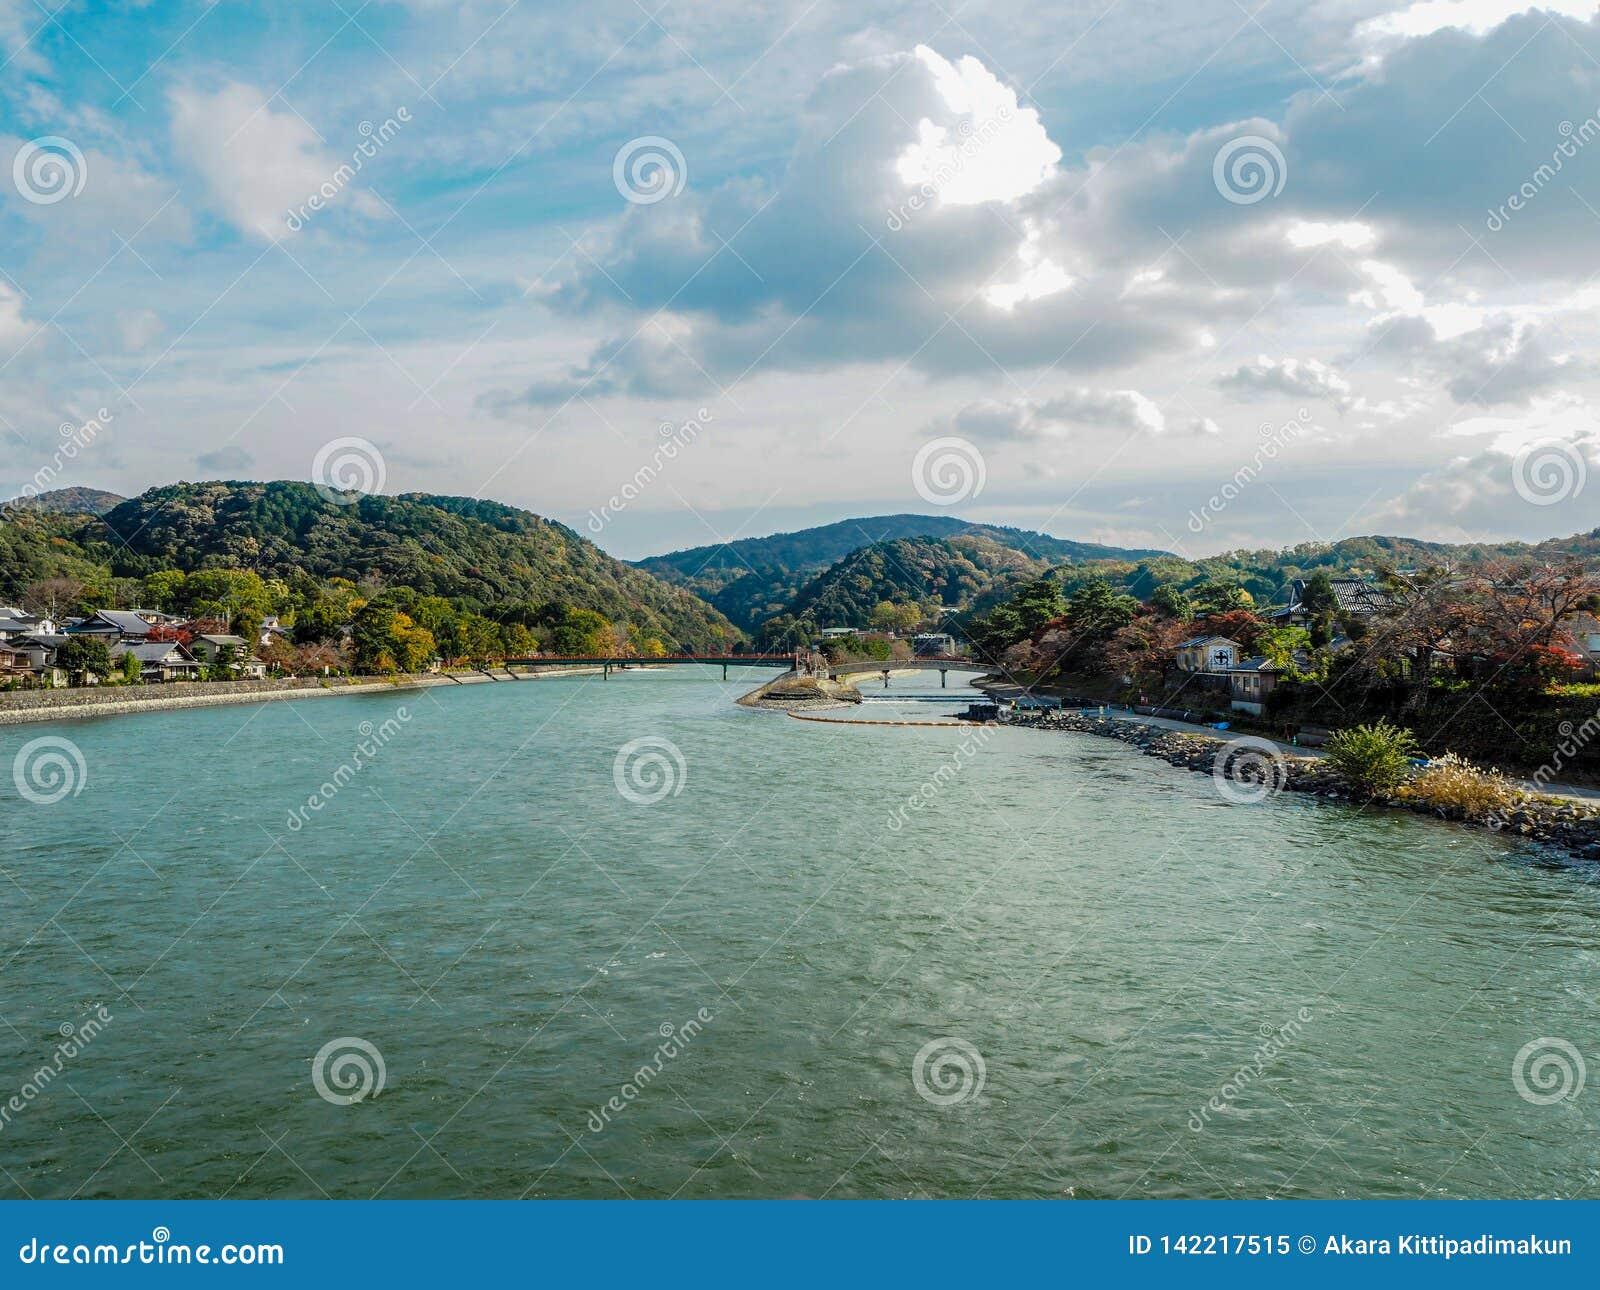 O rio no meio de uma cidade pequena com montanhas e fundo do céu nebuloso